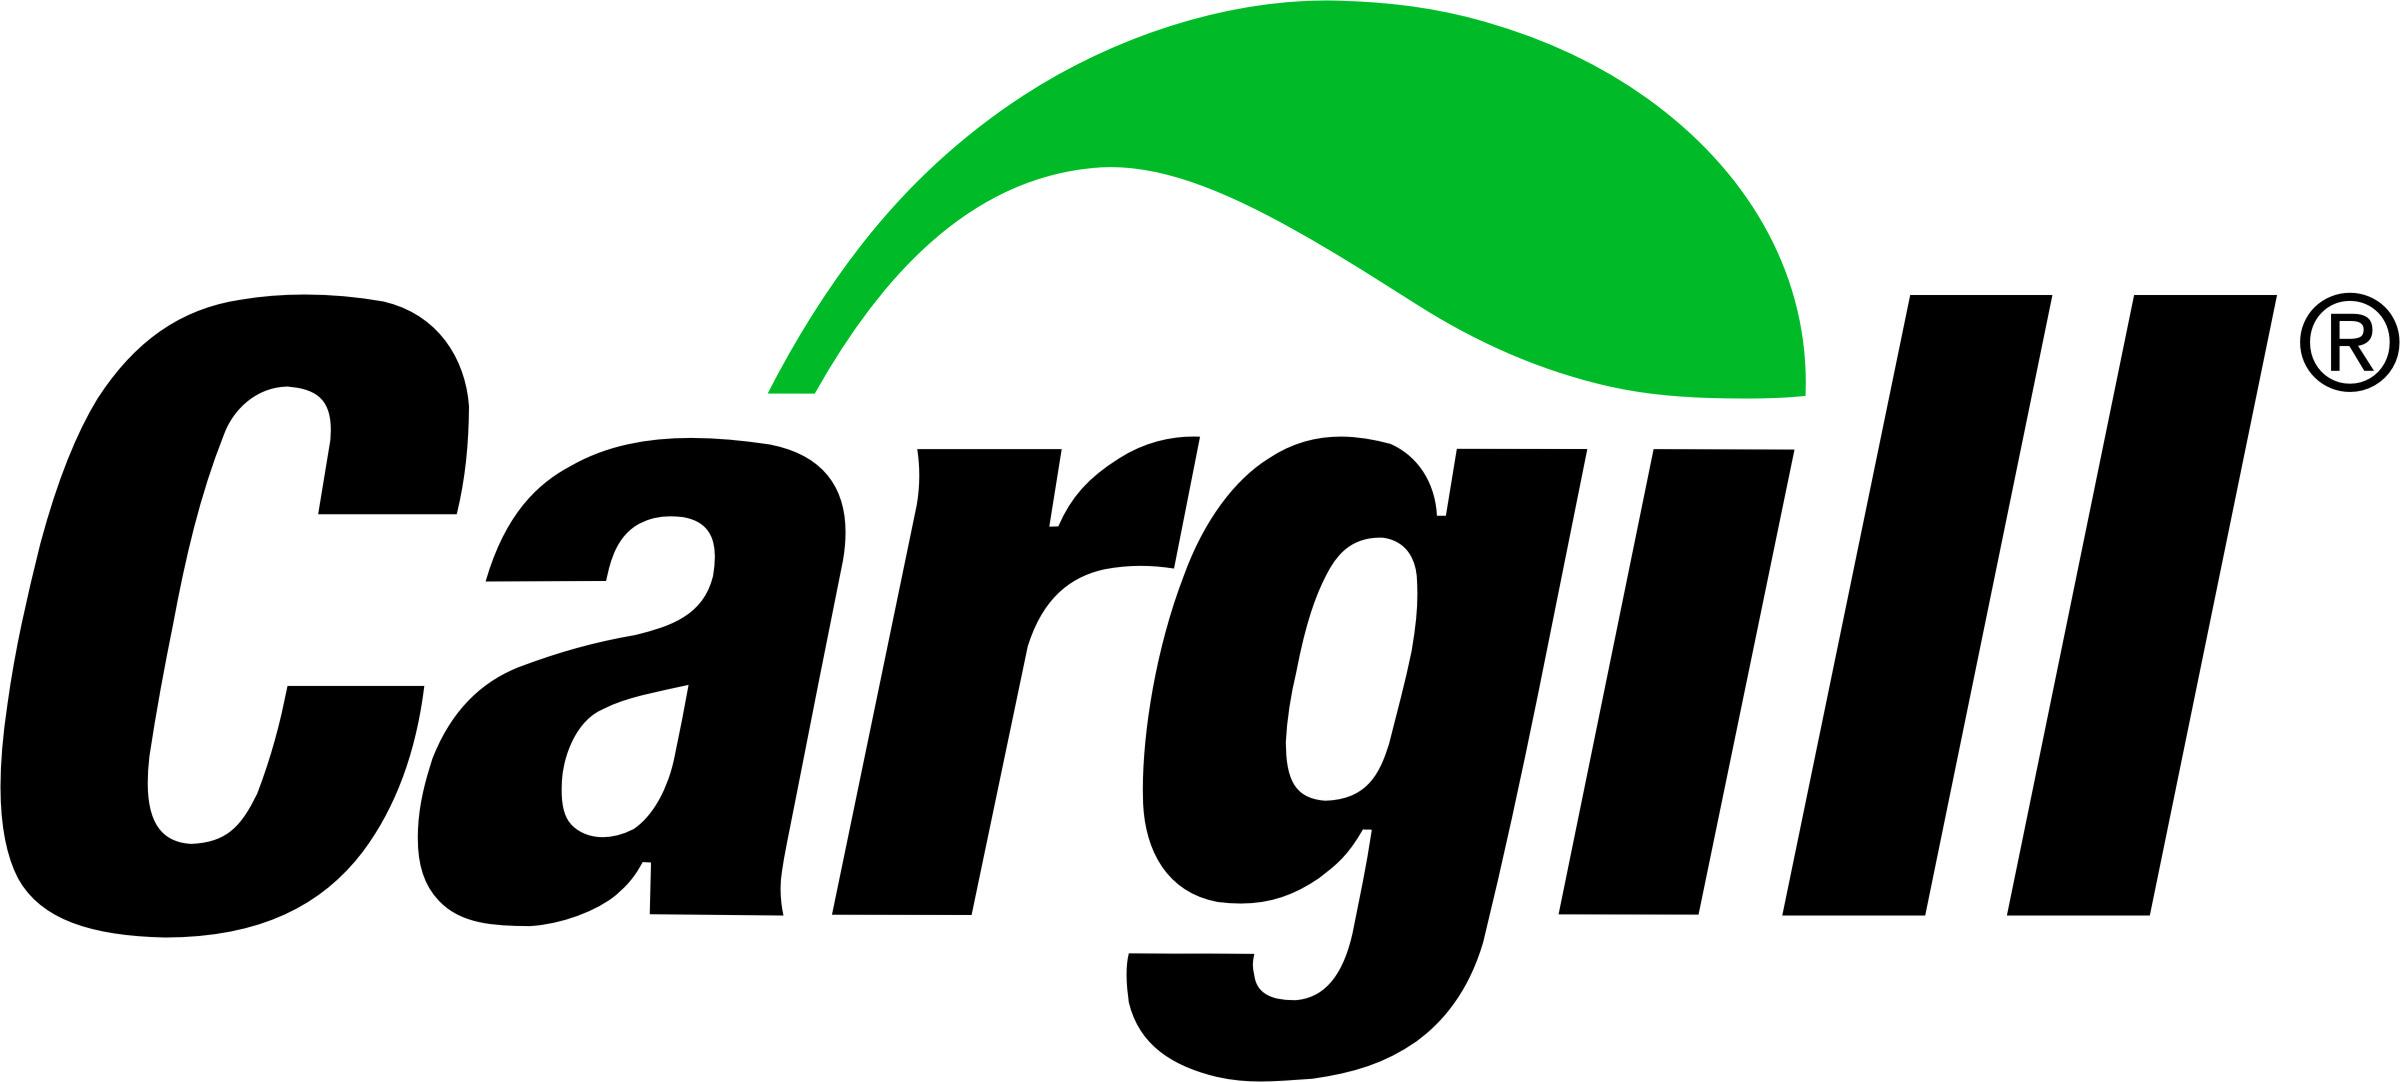 logo_cargill.jpg